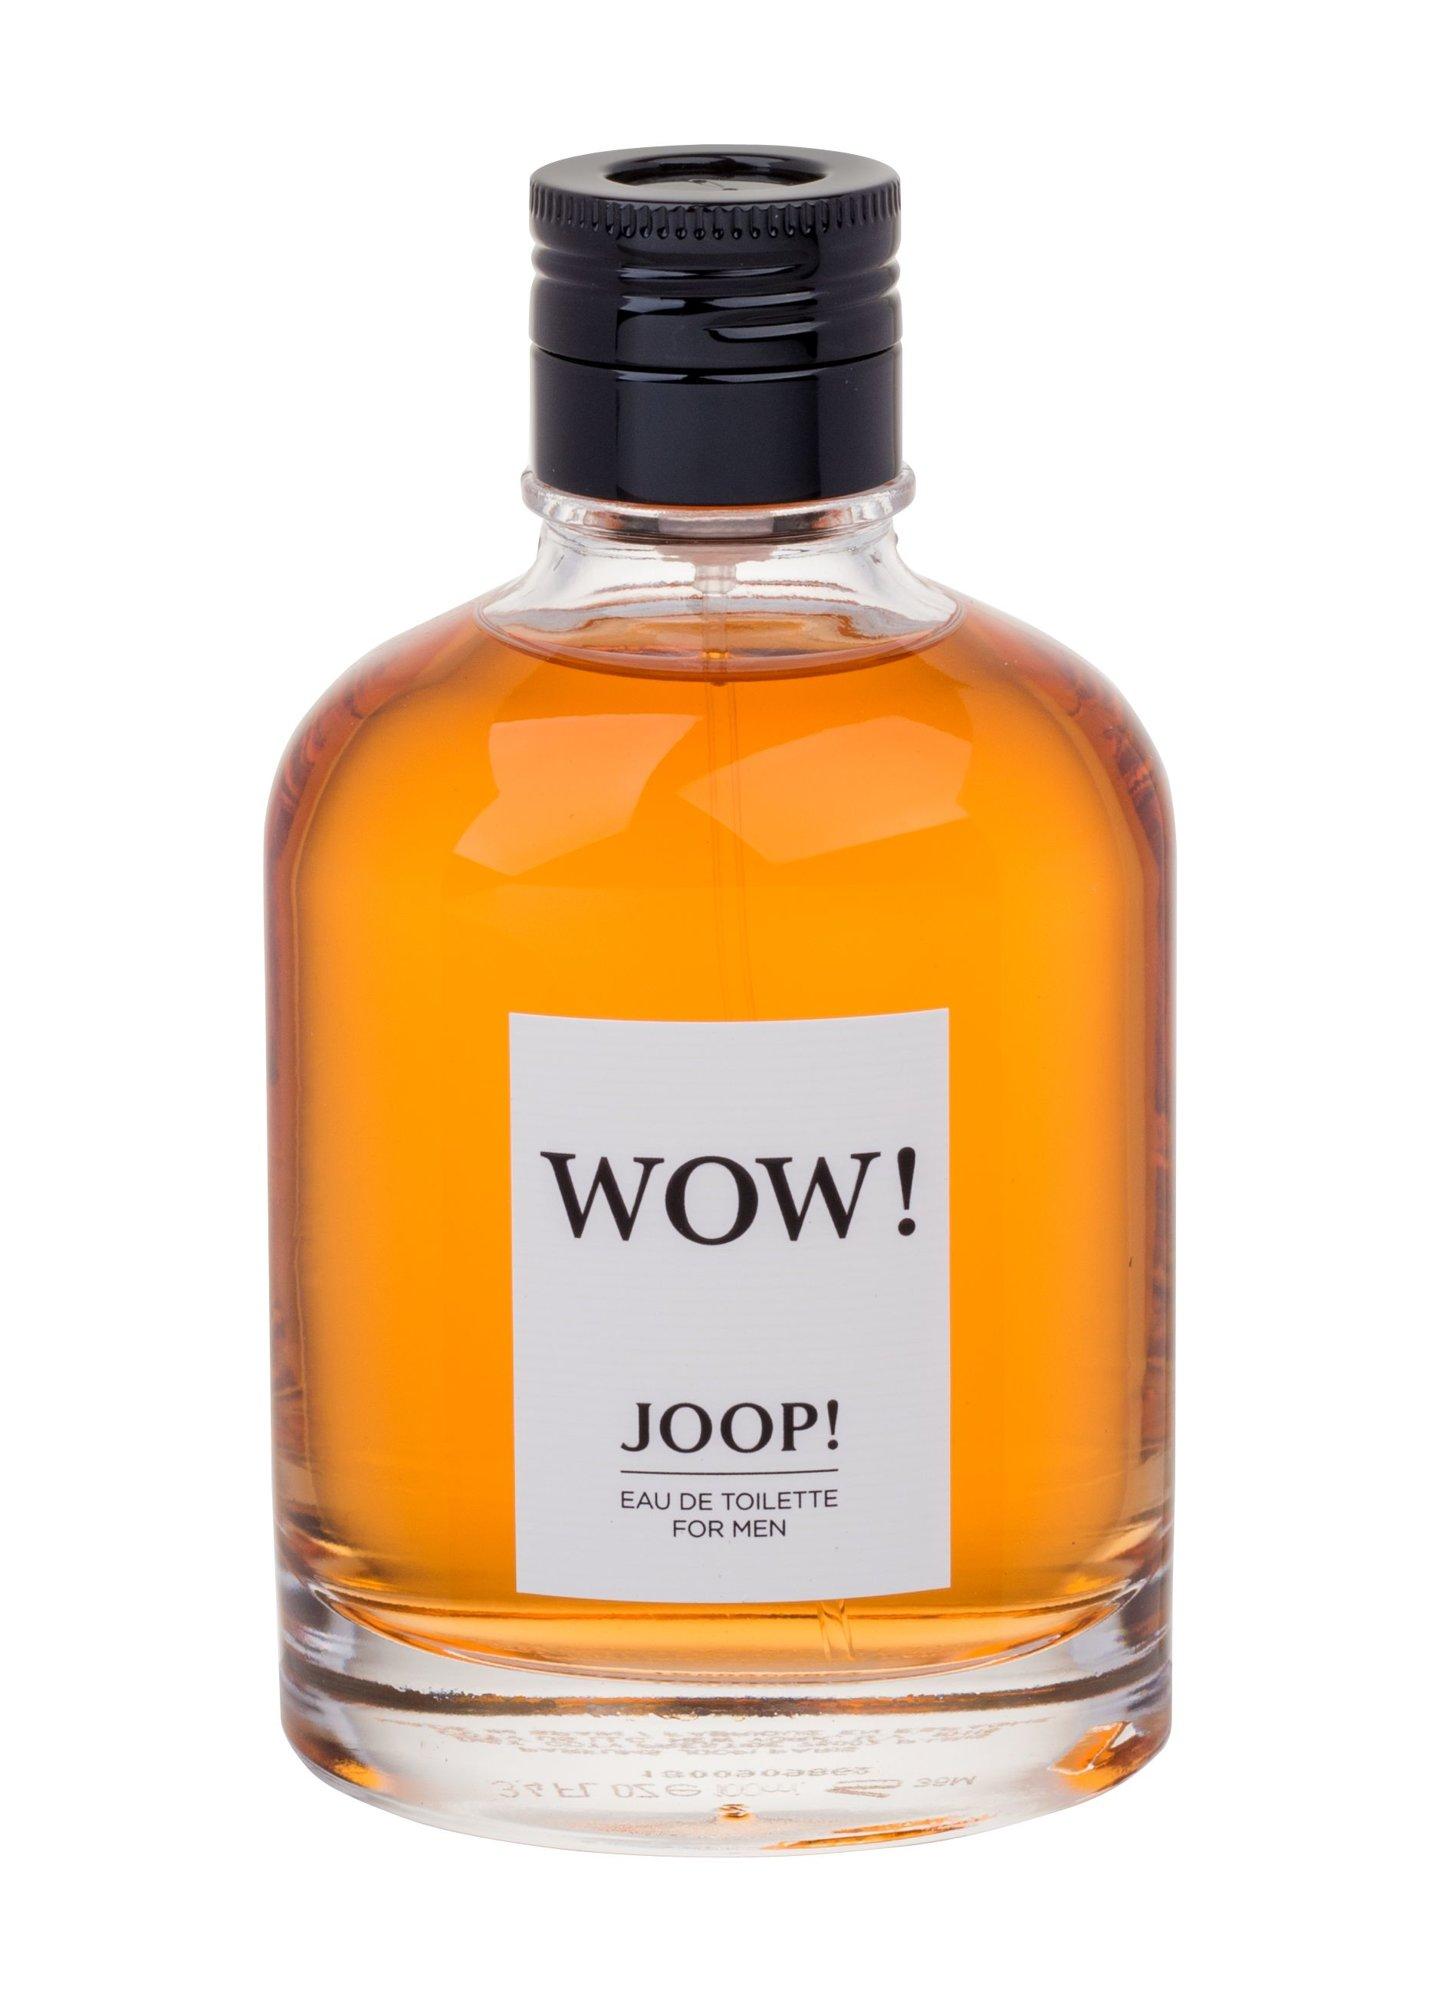 JOOP! Wow EDT 100ml